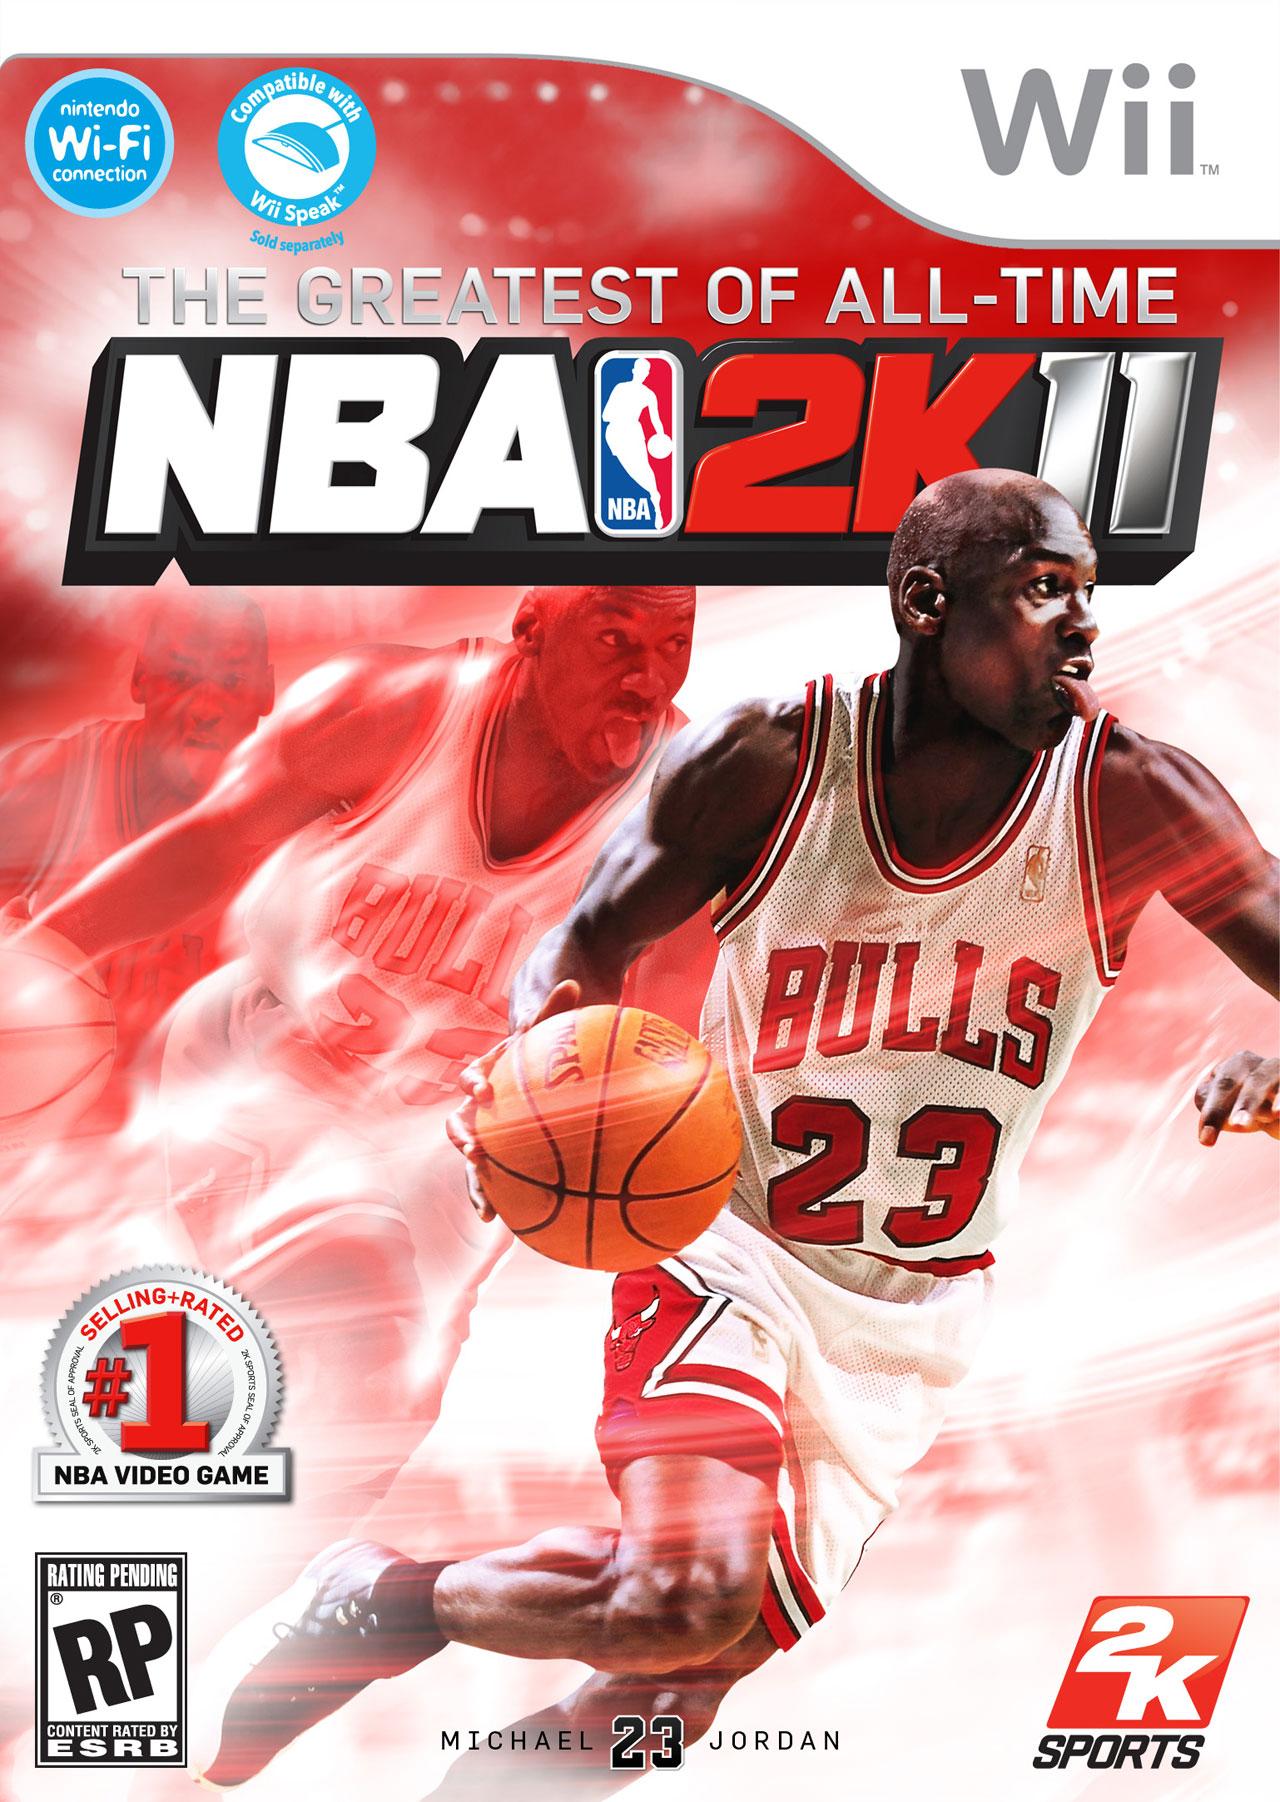 Jordan Returns - In a Video Game